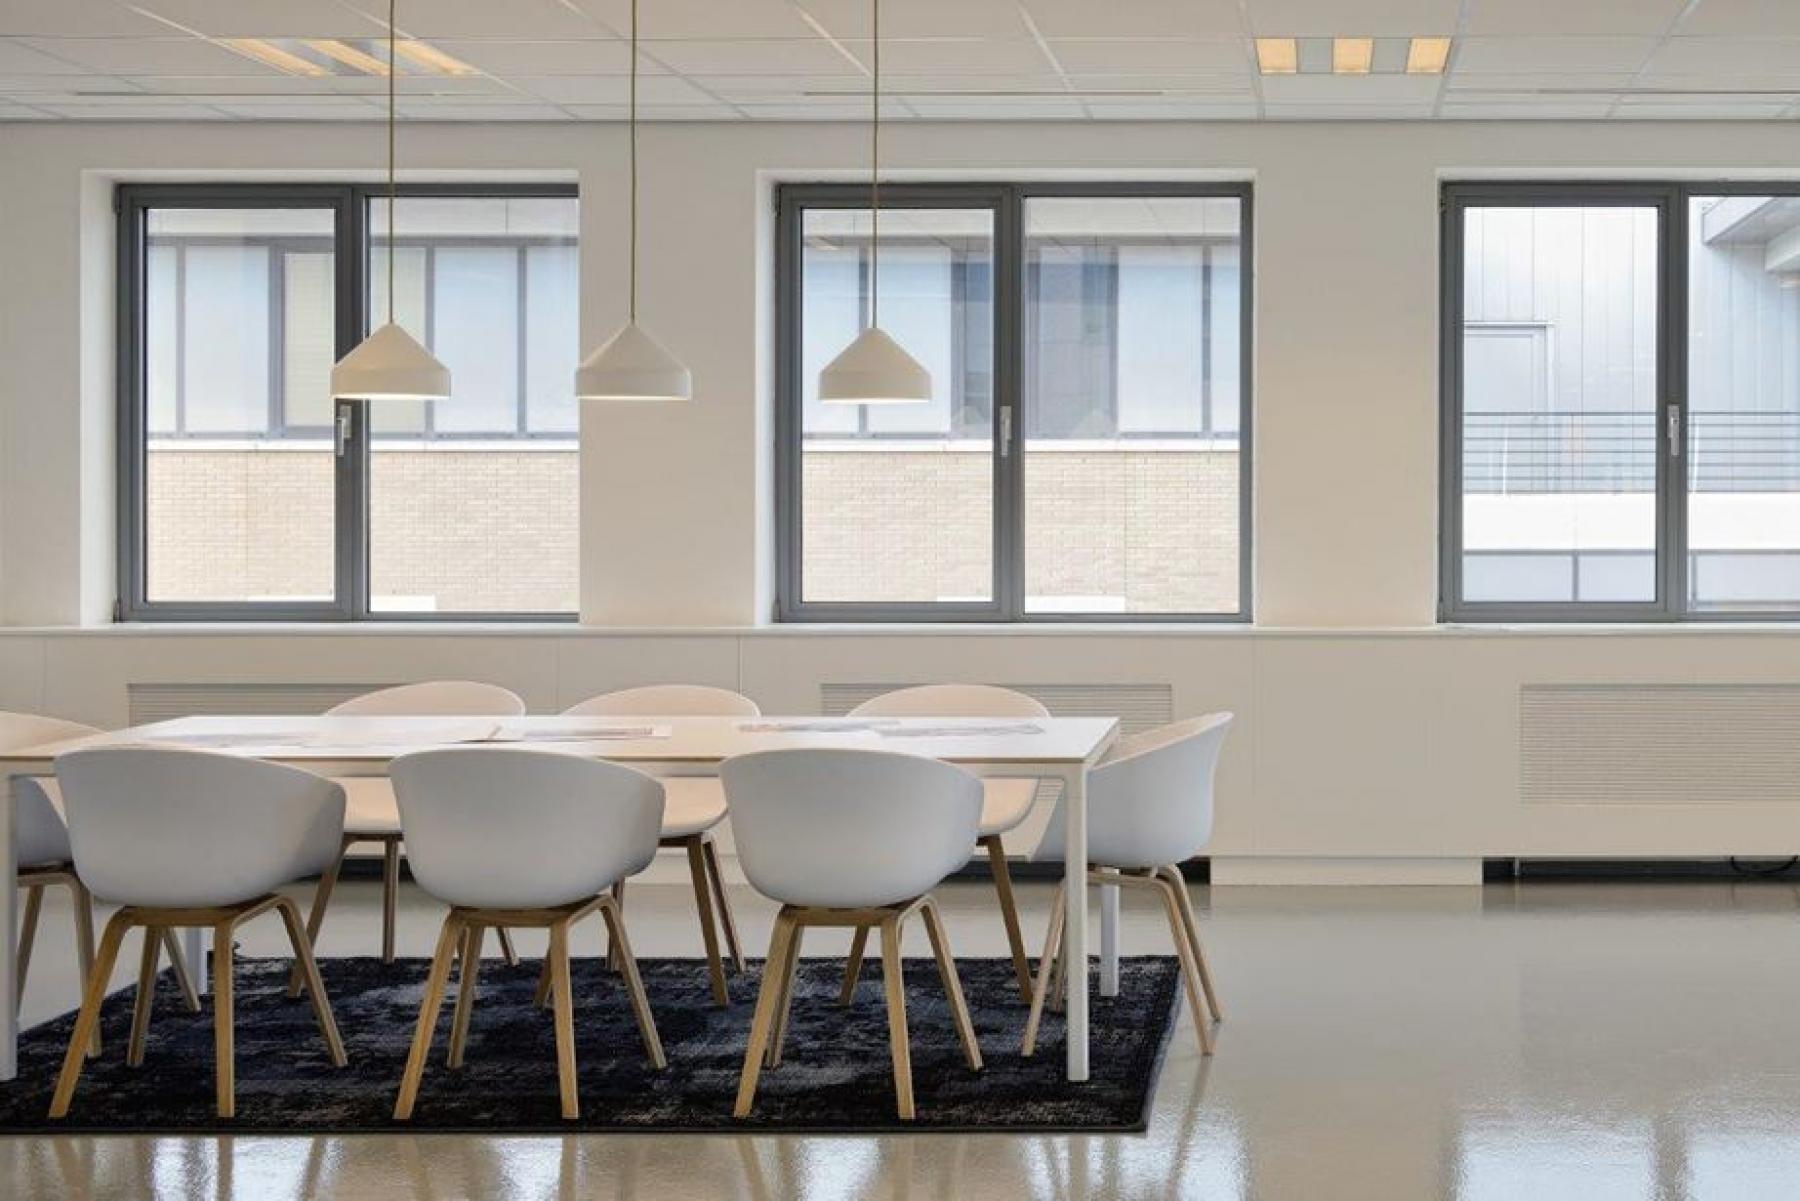 witte vergaderruimte tafel stoelen amsterdam zuidoost karspeldreef uitzicht SKEPP